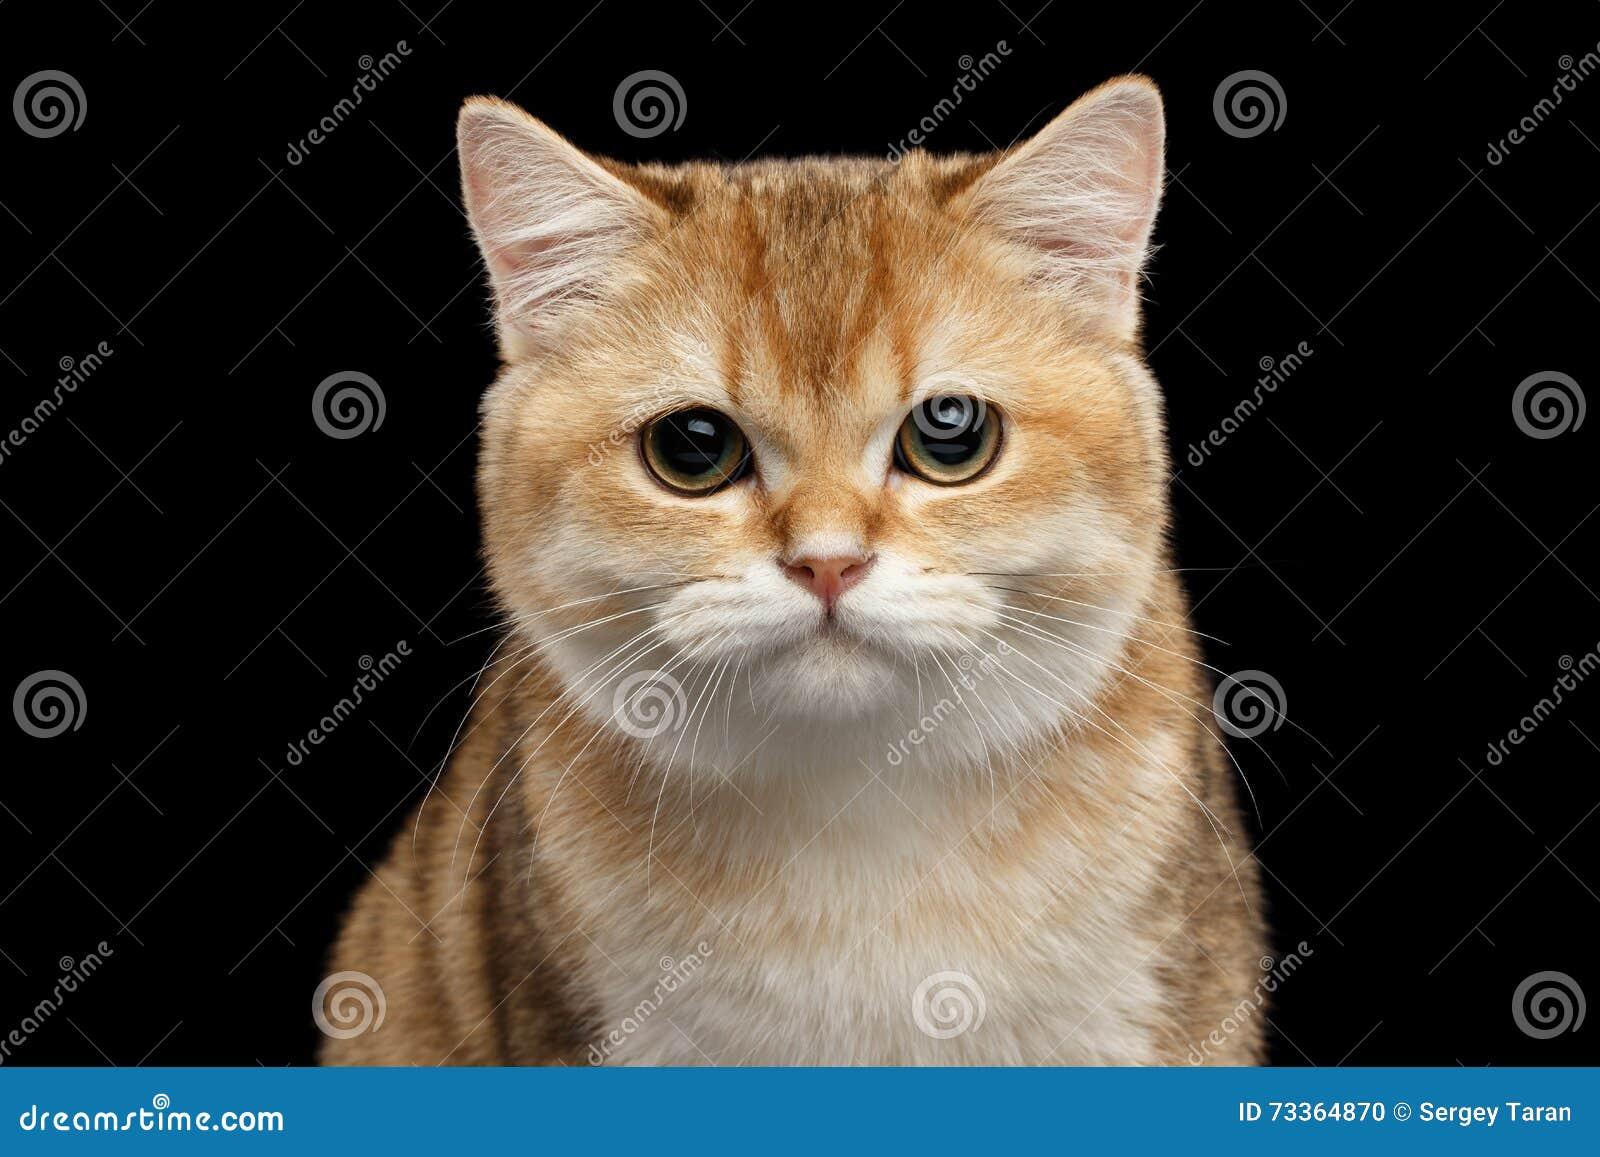 Zakończenie Brytyjskiego kota Złocisty Szynszylowy Patrzeć w kamerze, Odosobniony czerń